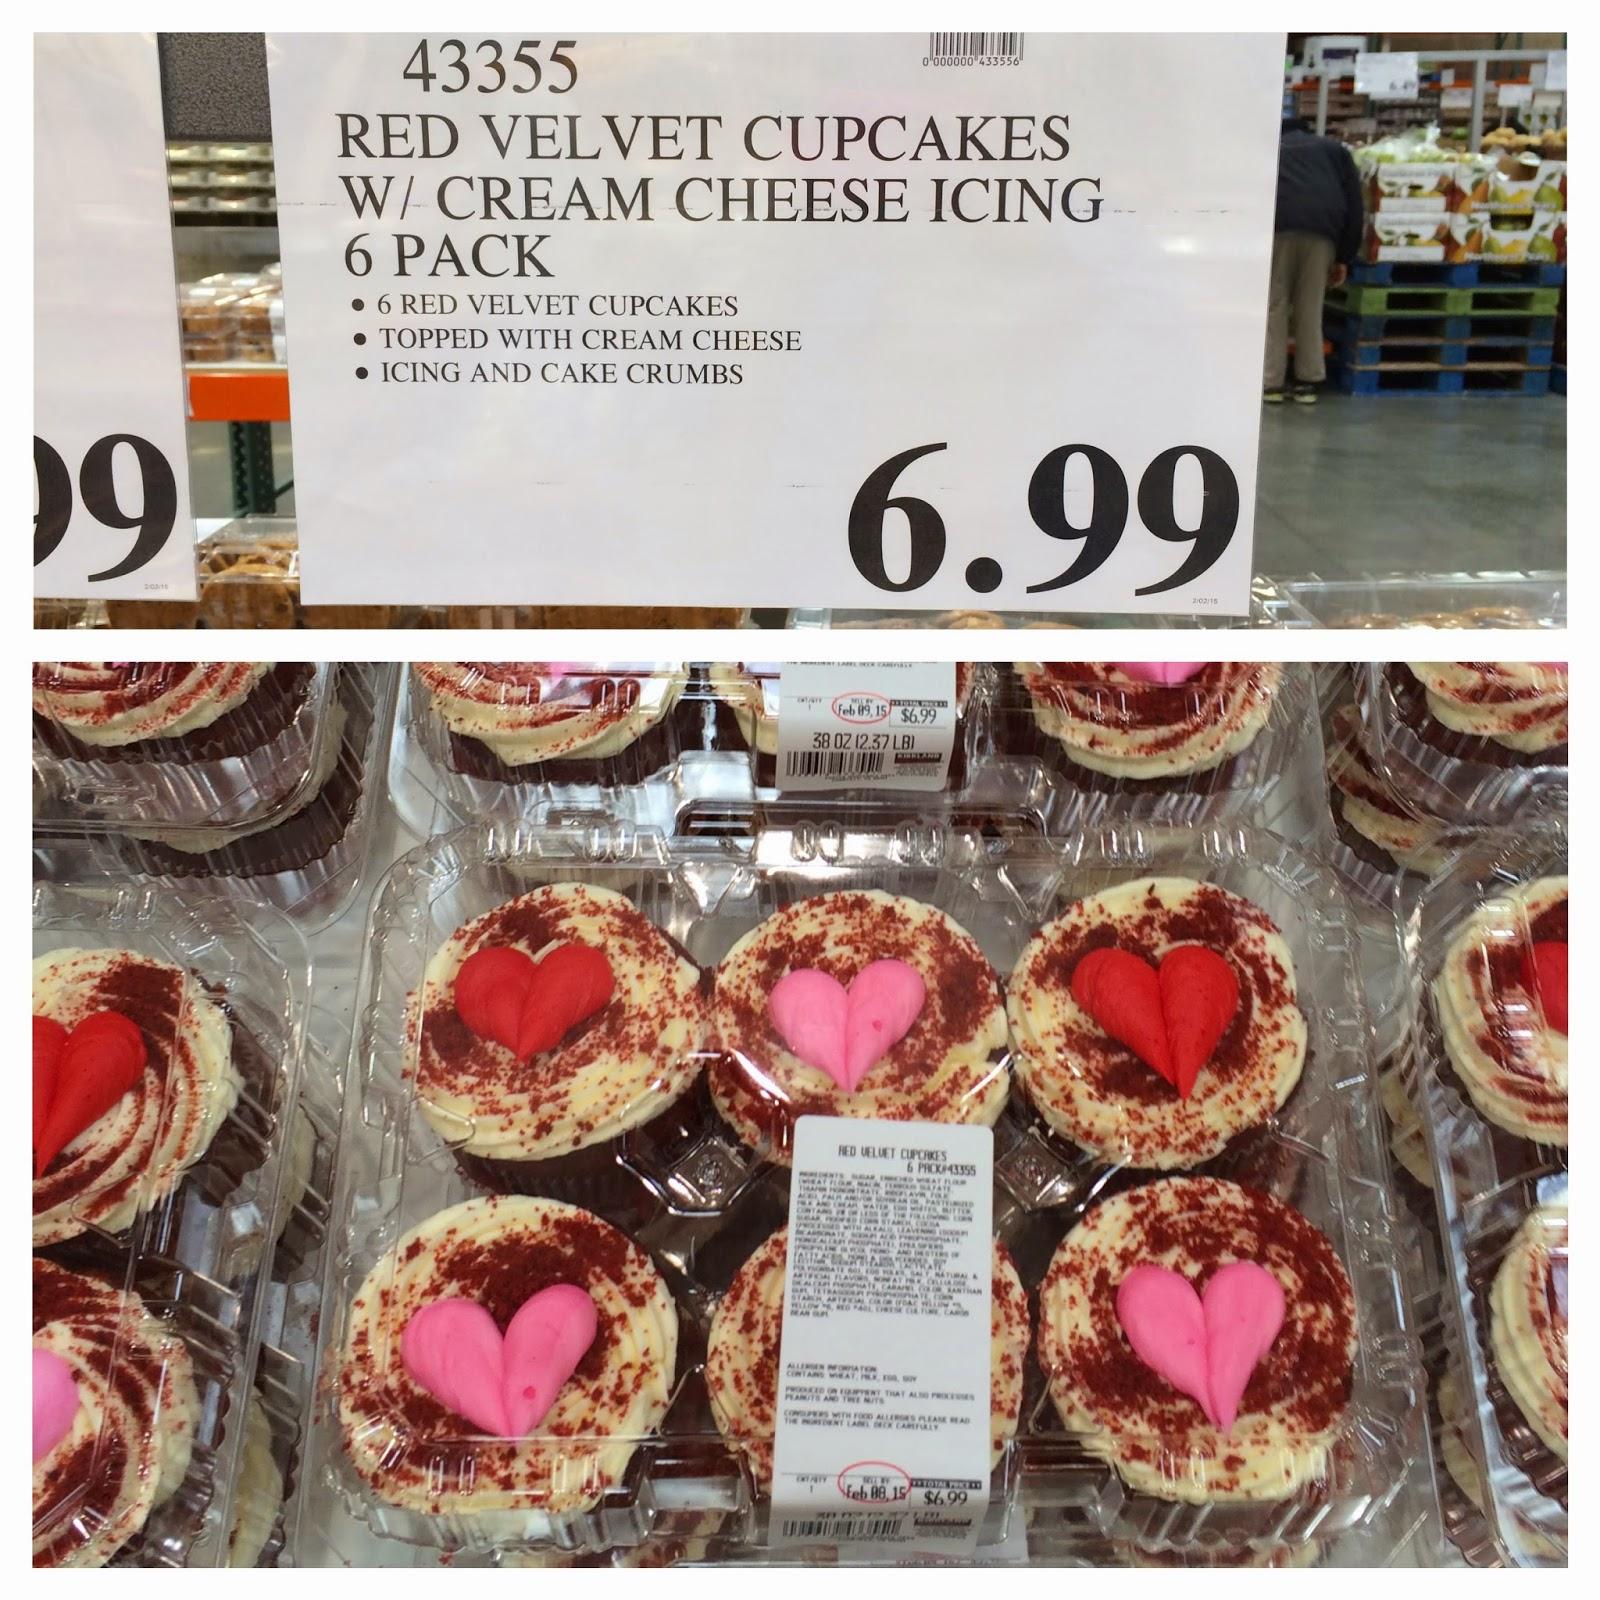 The Costco Connoisseur Valentines Day At Costco